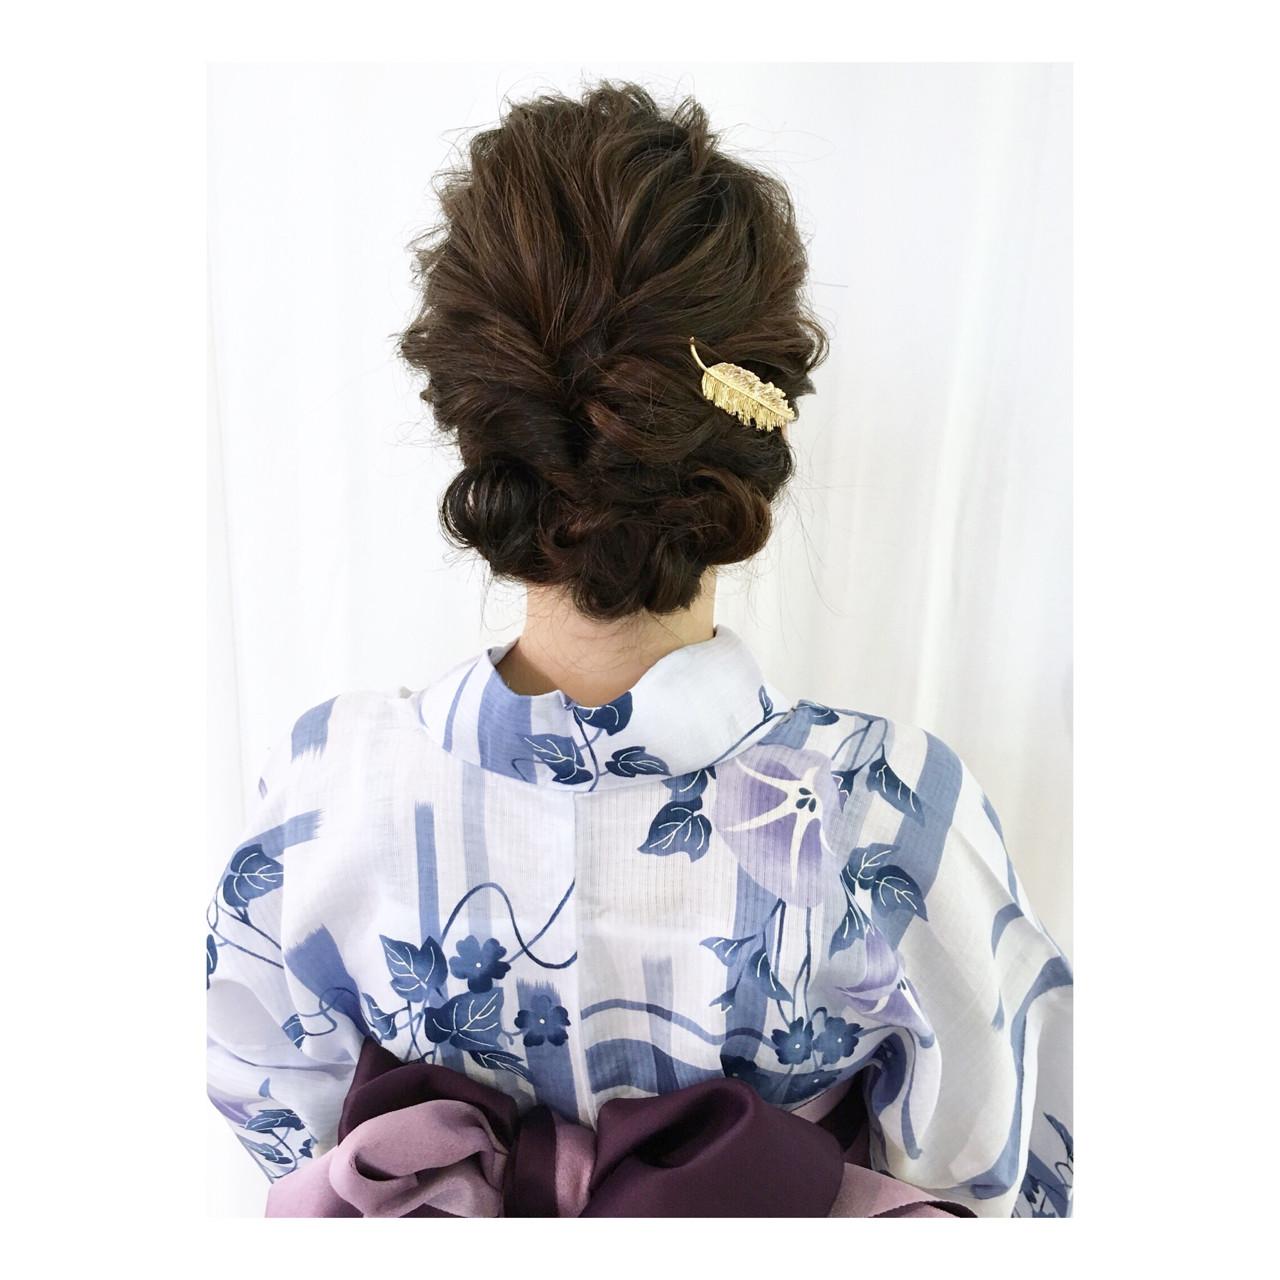 花火大会 ミディアム ヘアアレンジ 夏 ヘアスタイルや髪型の写真・画像   Yumi Hiramatsu / Sourire Imaizumi【スーリール イマイズミ】